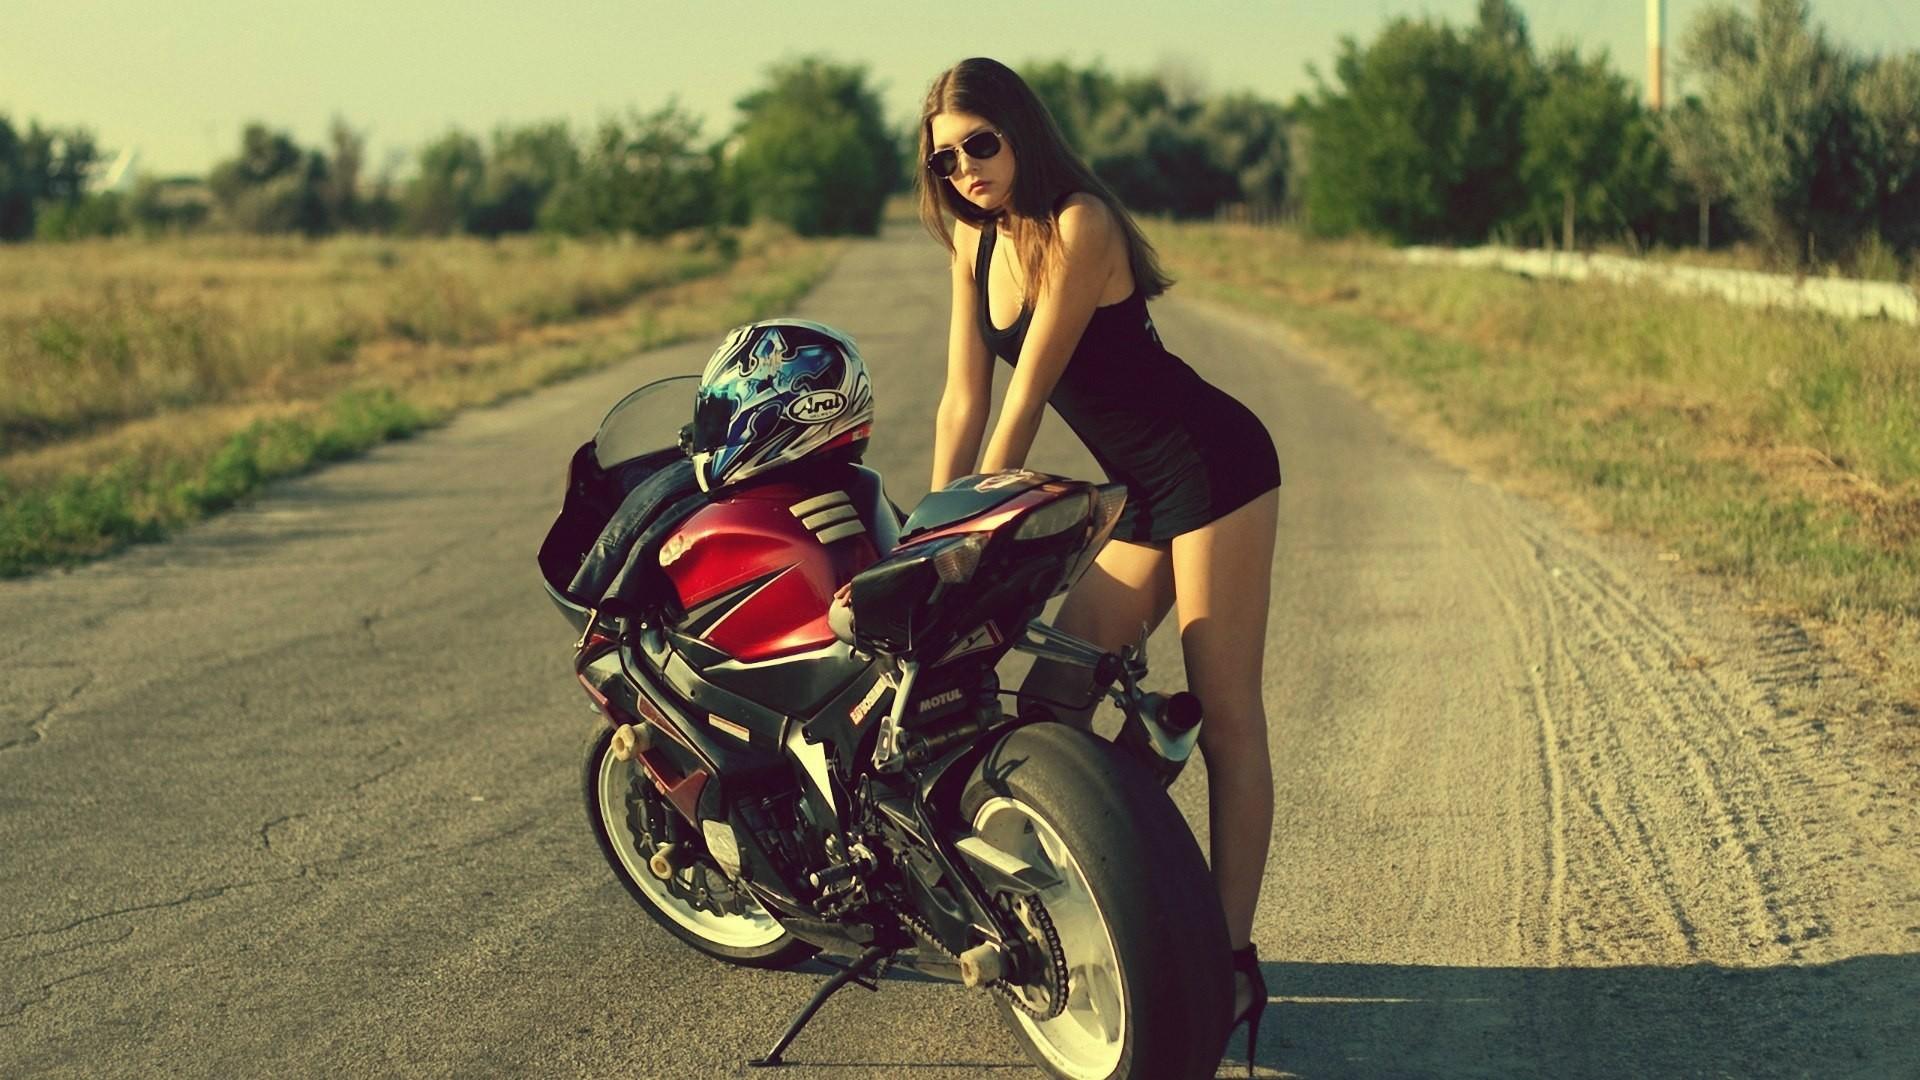 Girl with motorcycle Suzuki